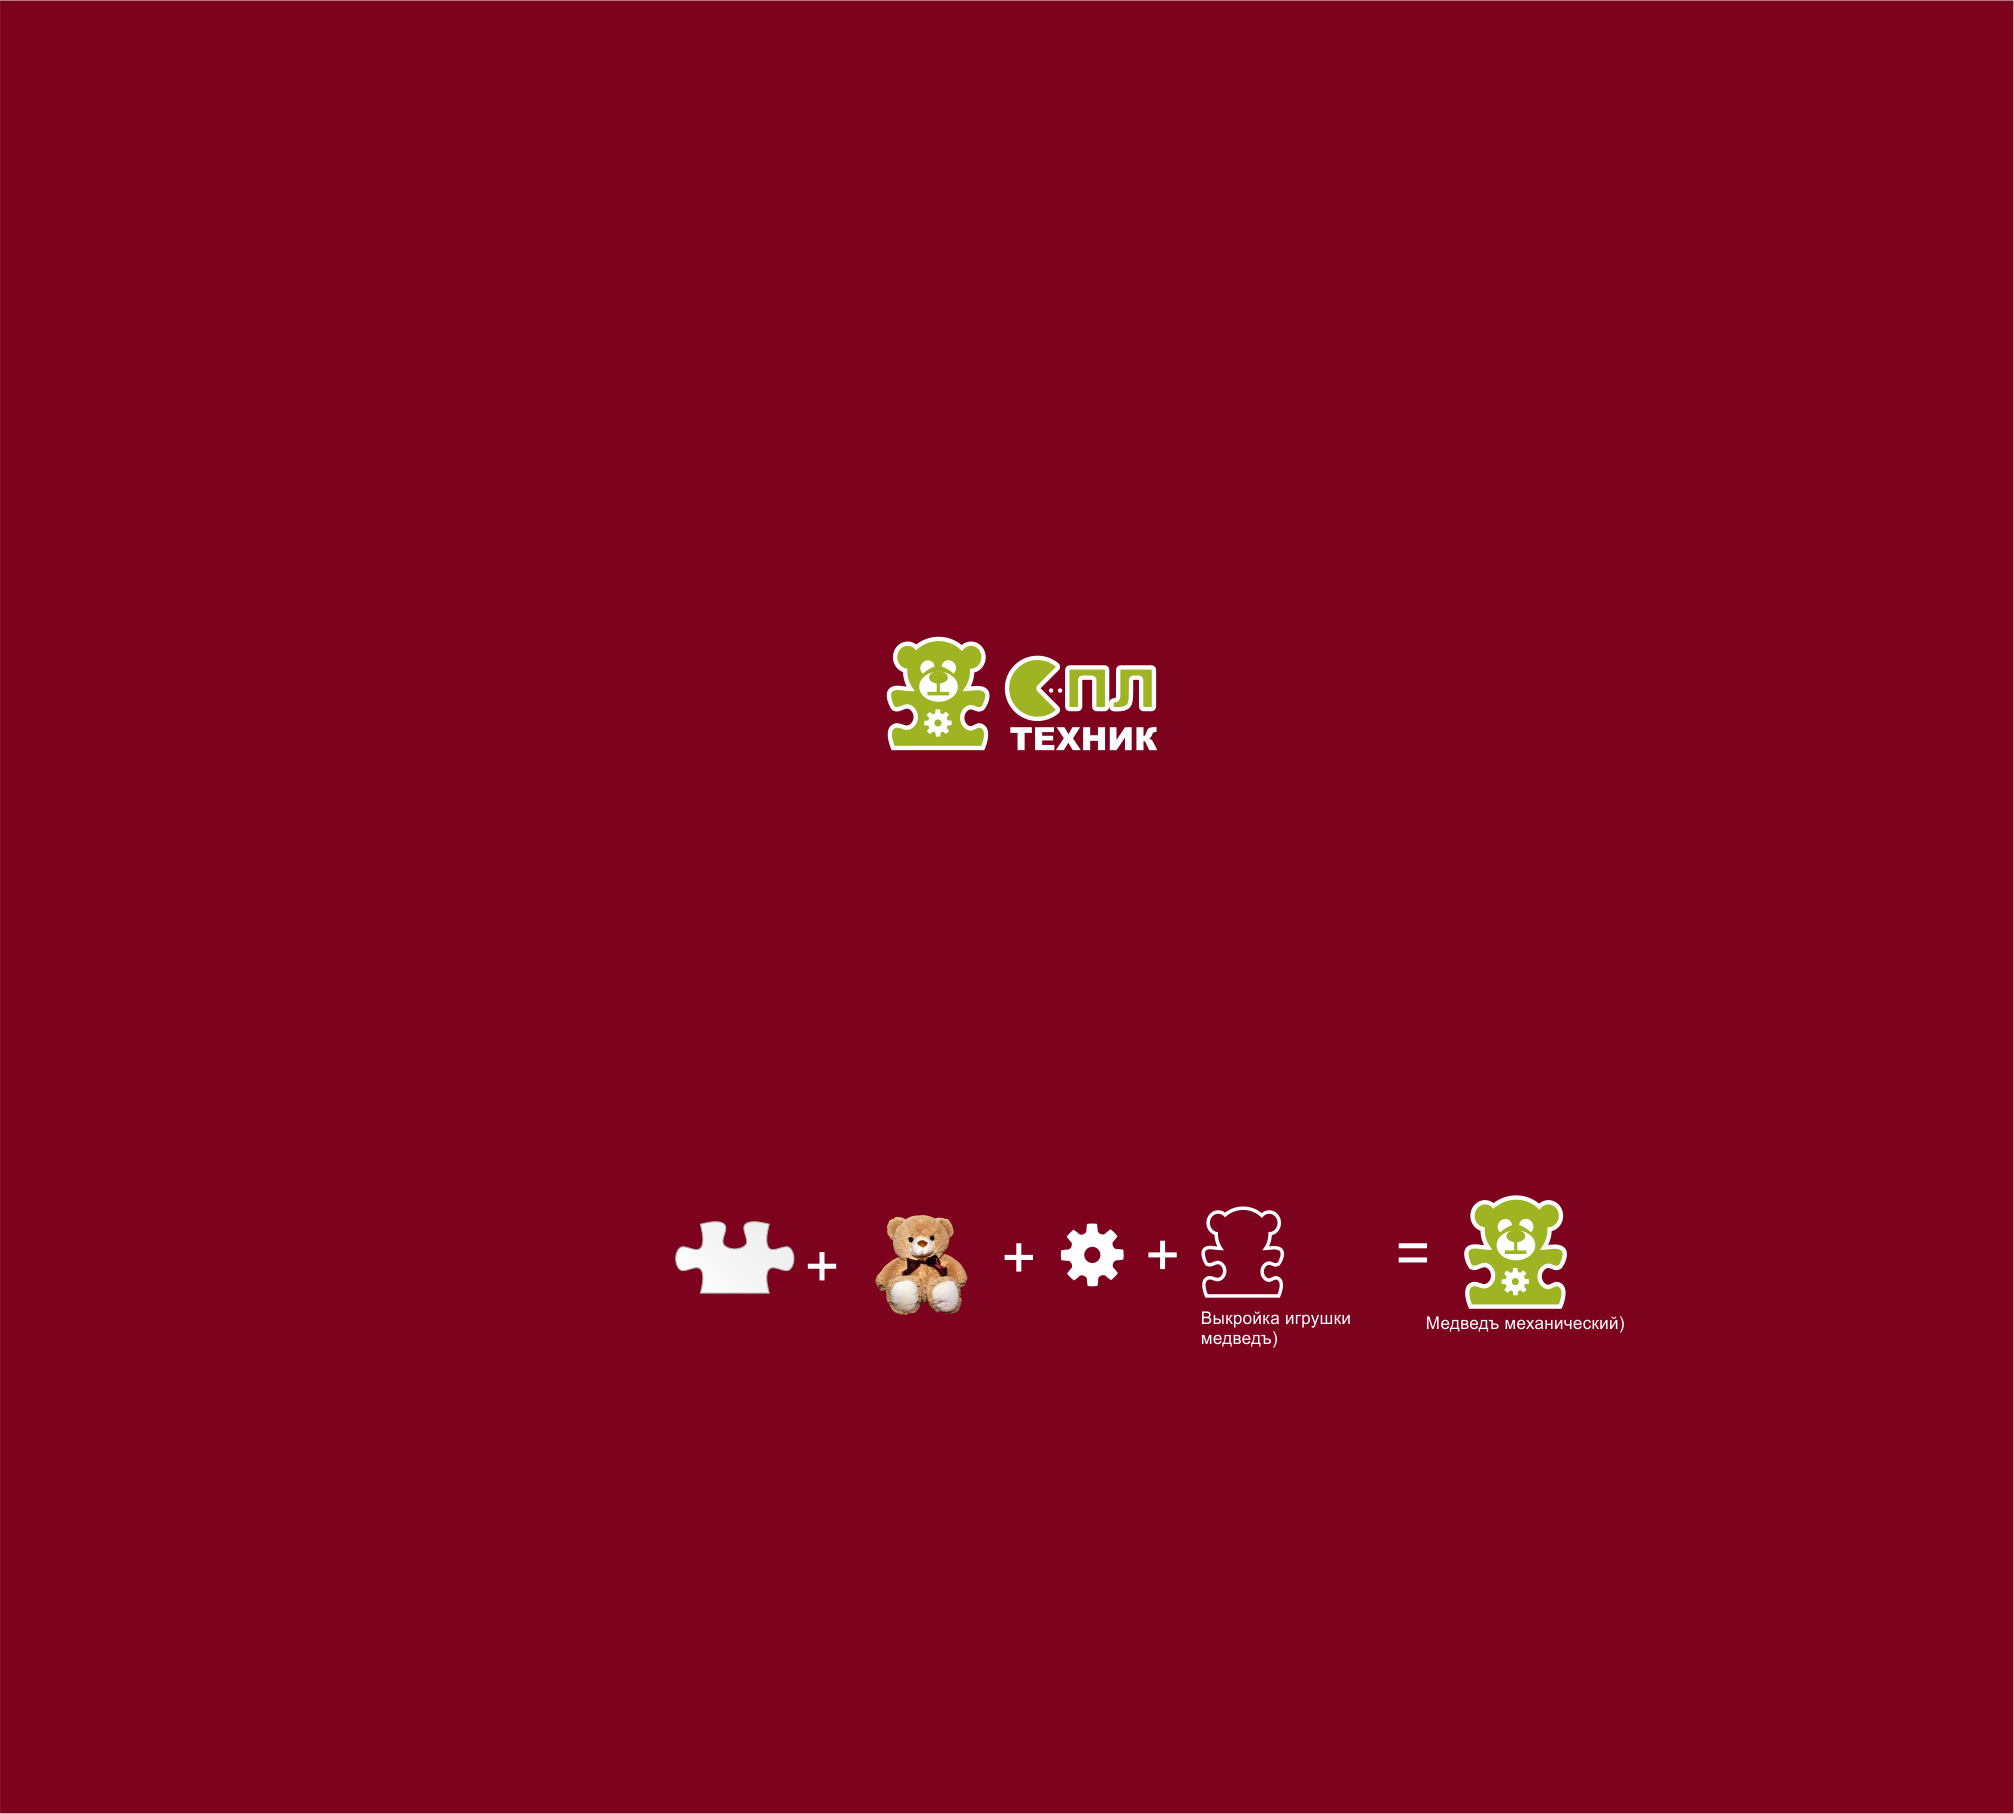 Разработка логотипа и фирменного стиля фото f_53959b6a2eacb817.png